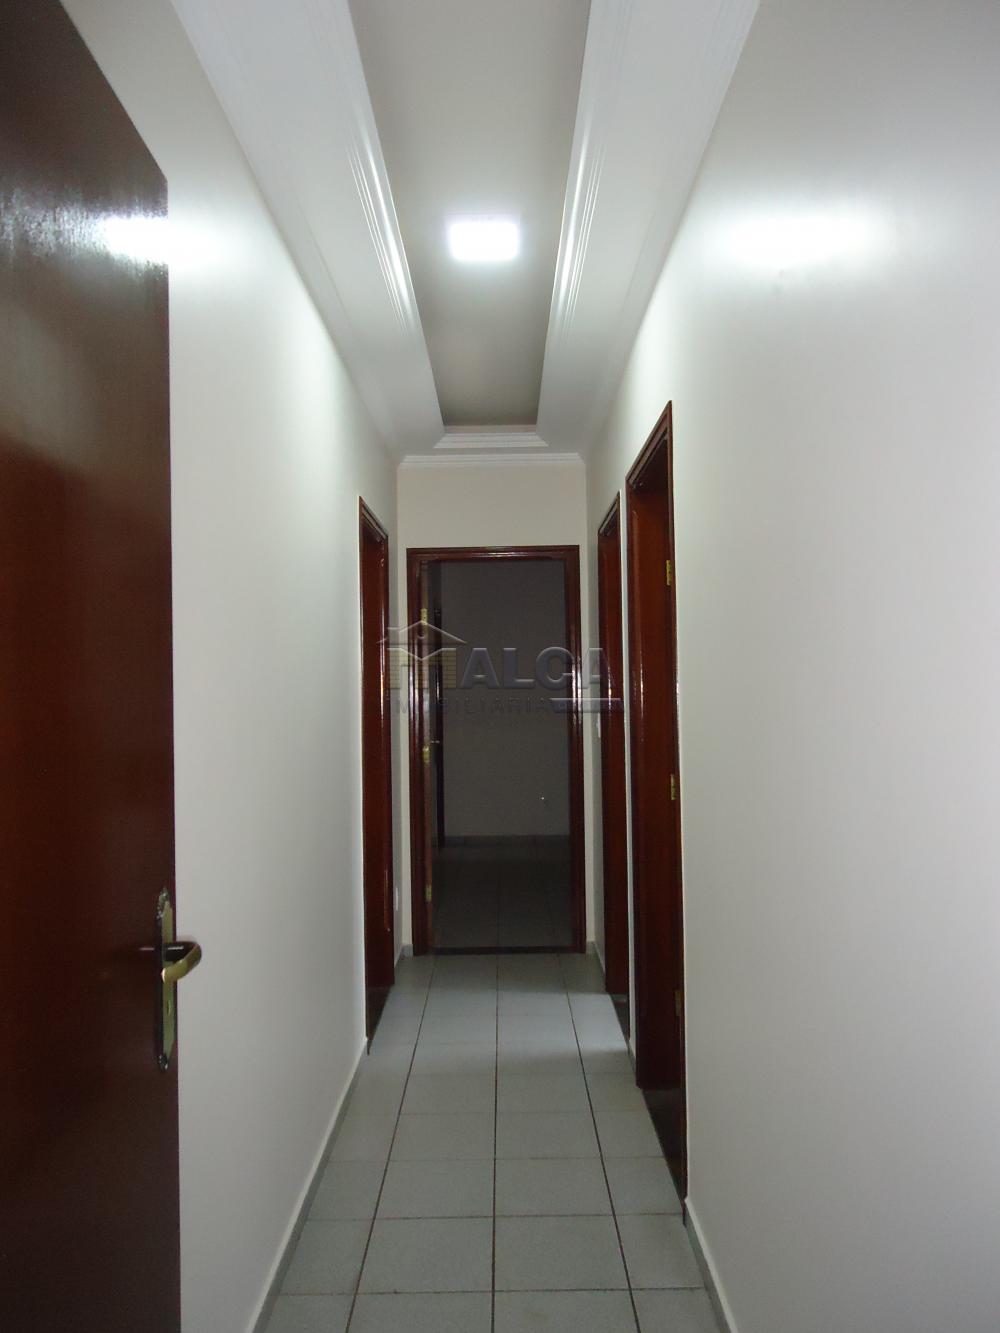 Alugar Casas / Padrão em São José do Rio Pardo apenas R$ 2.450,00 - Foto 13